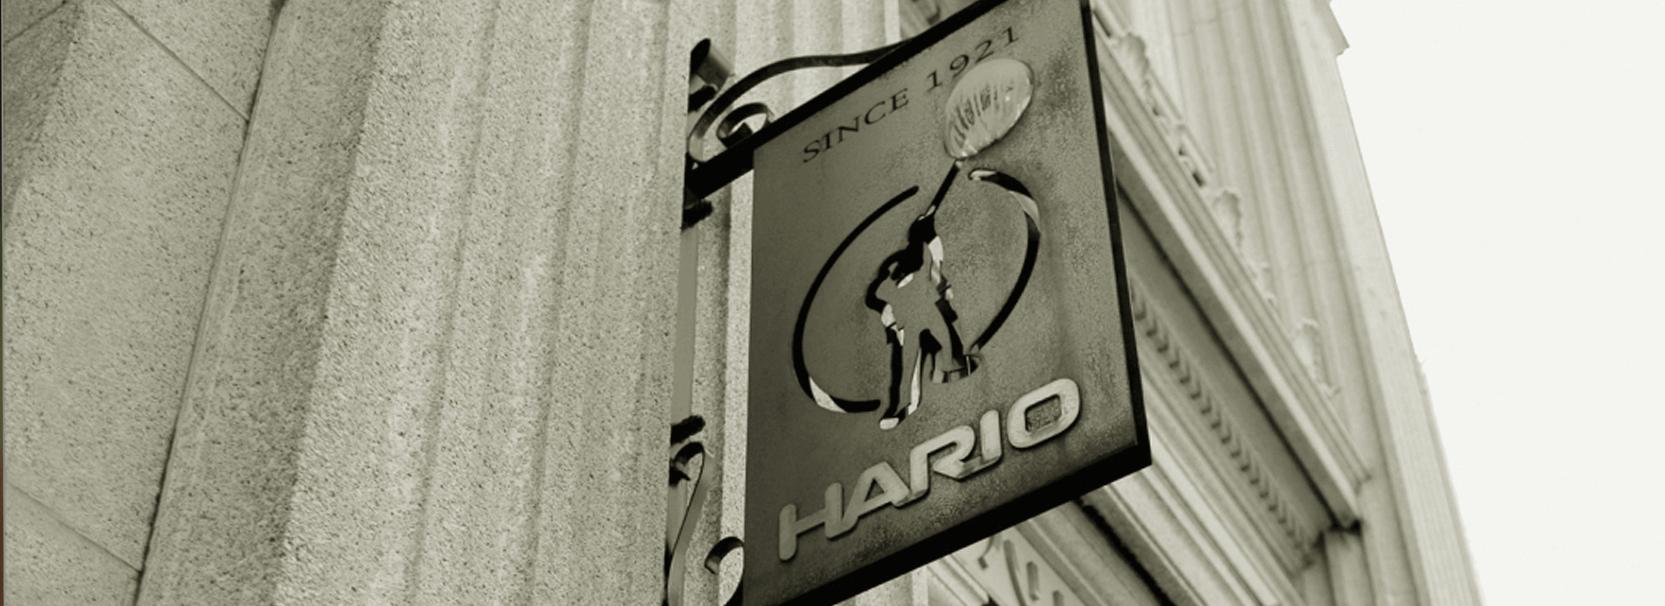 Marca-Hario